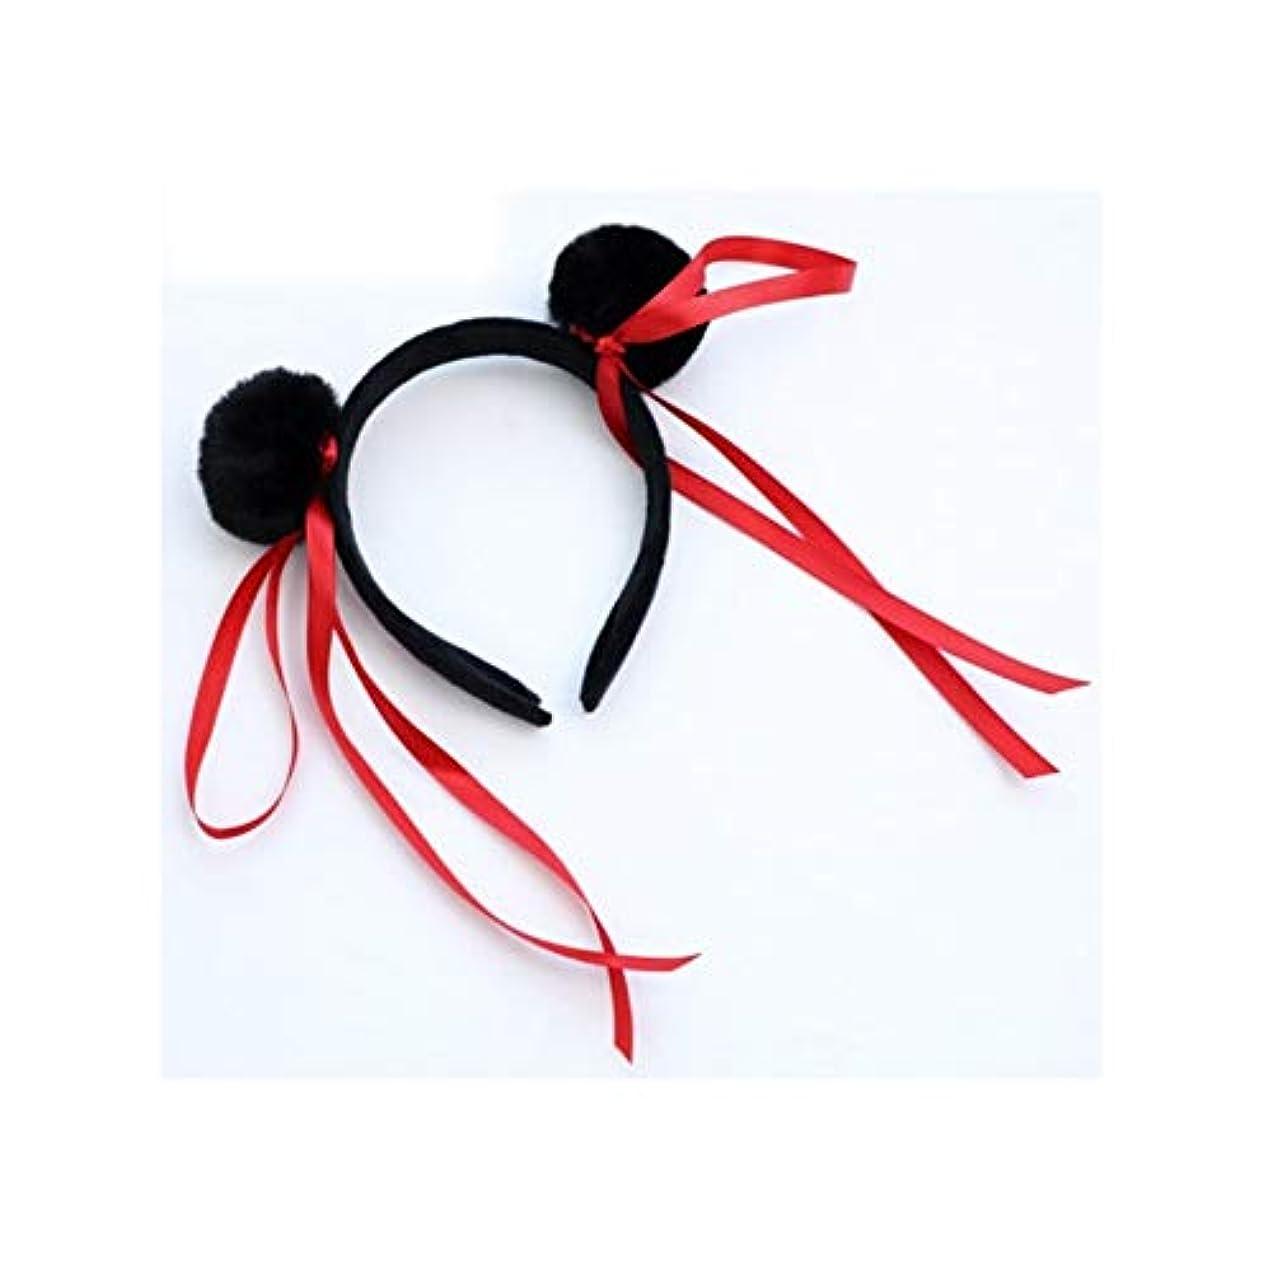 幻影抑圧する小川ヘッドバンドの宝石のヘッドバンドティアラヘアアクセサリーヘッドドレス2つのスタイルをカボチャ小道具の大人の子供を表示します (スタイル : B)